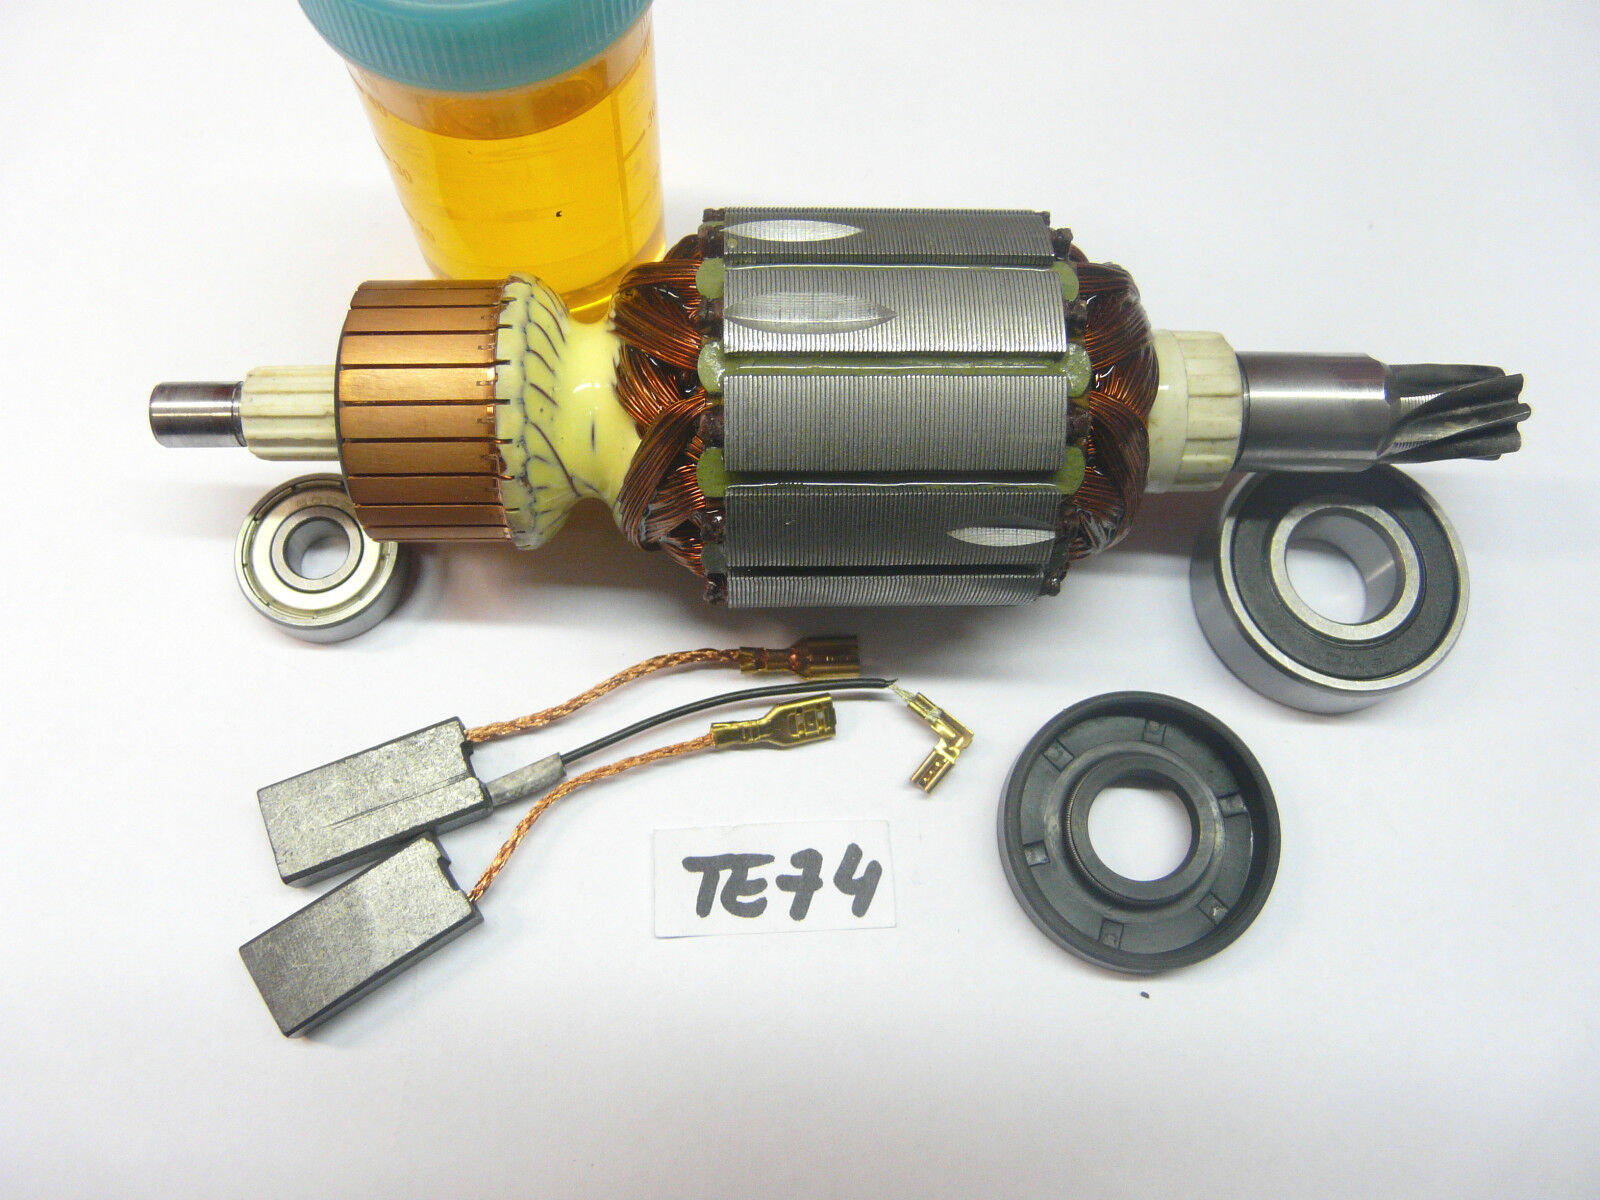 Anker, Rotor für Hilti TE 74 mit beiden Lagern und Wellendichtring, Kohlen